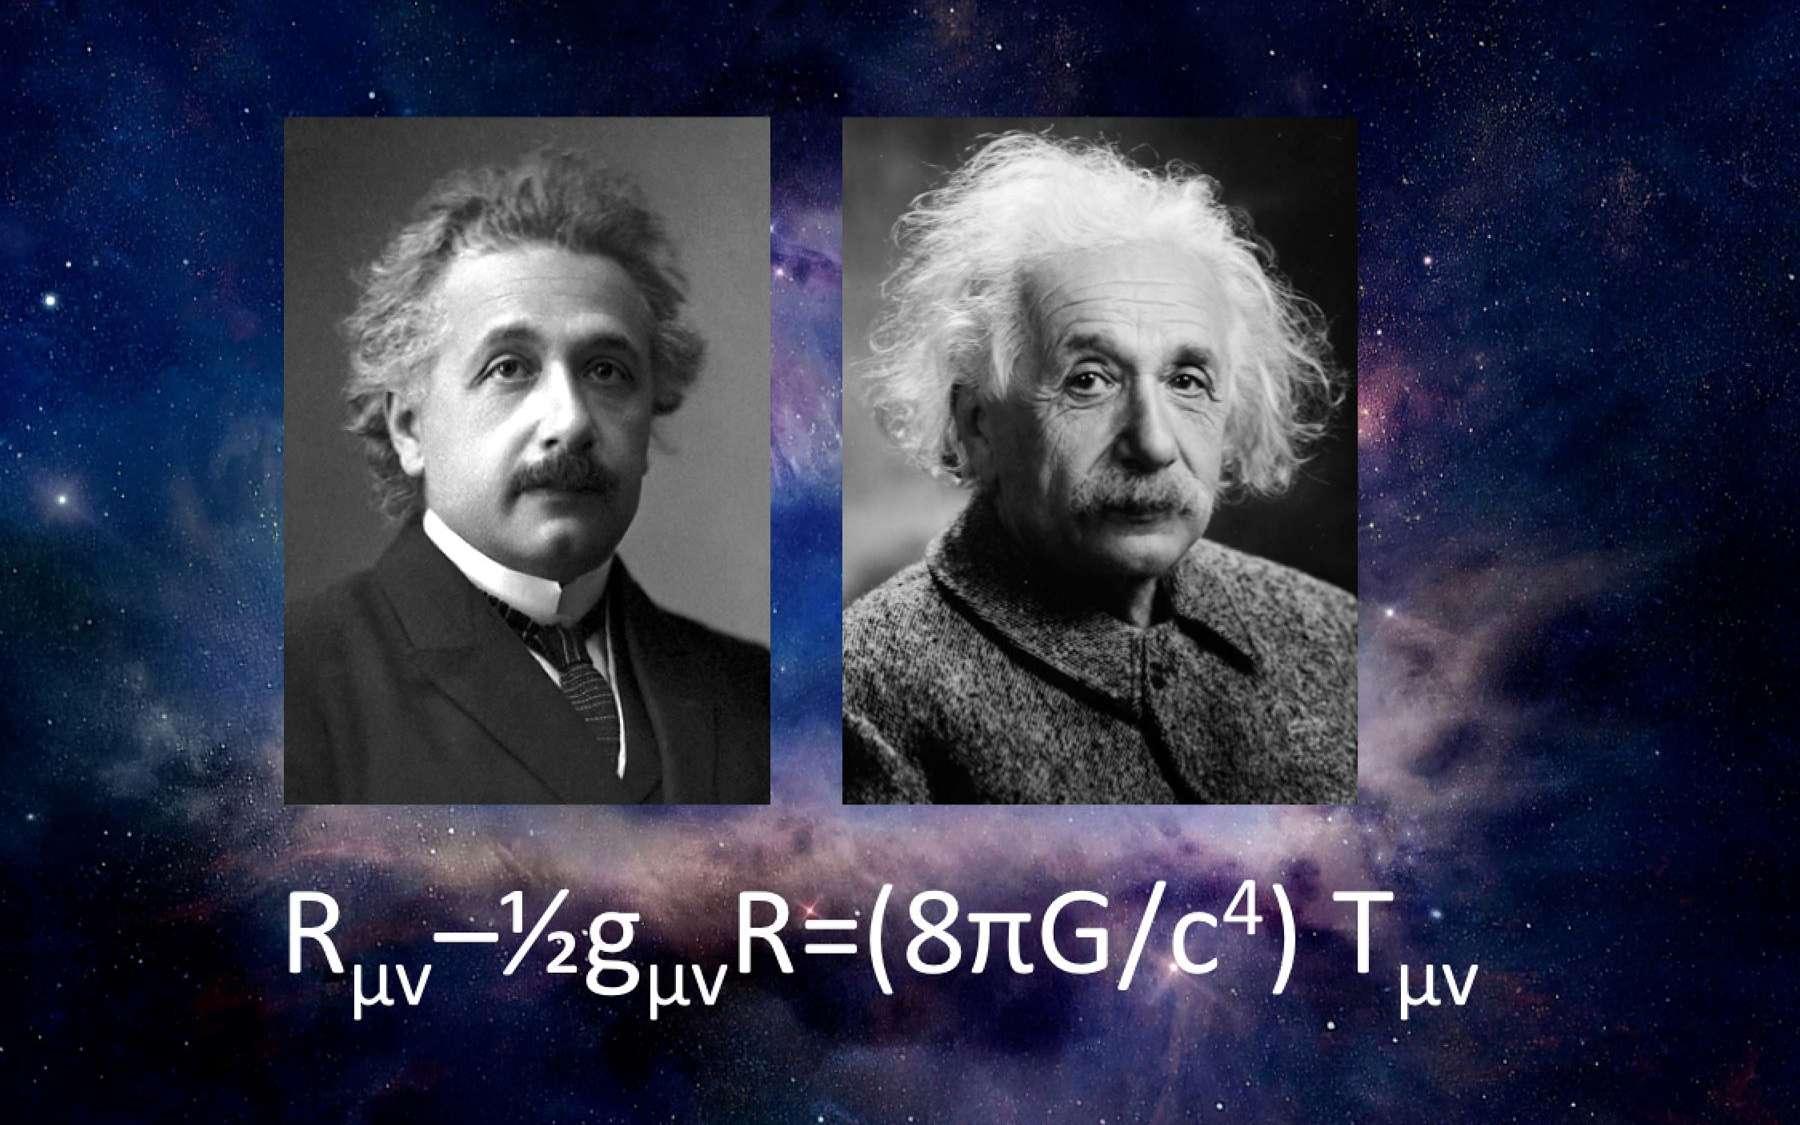 Les trous de ver sont des solutions mathématiques des équations de la relativité générale d'Einstein mais sont-ils physiquement réels ? © Nasa, Nobel Foundation, Oren Jack Turner